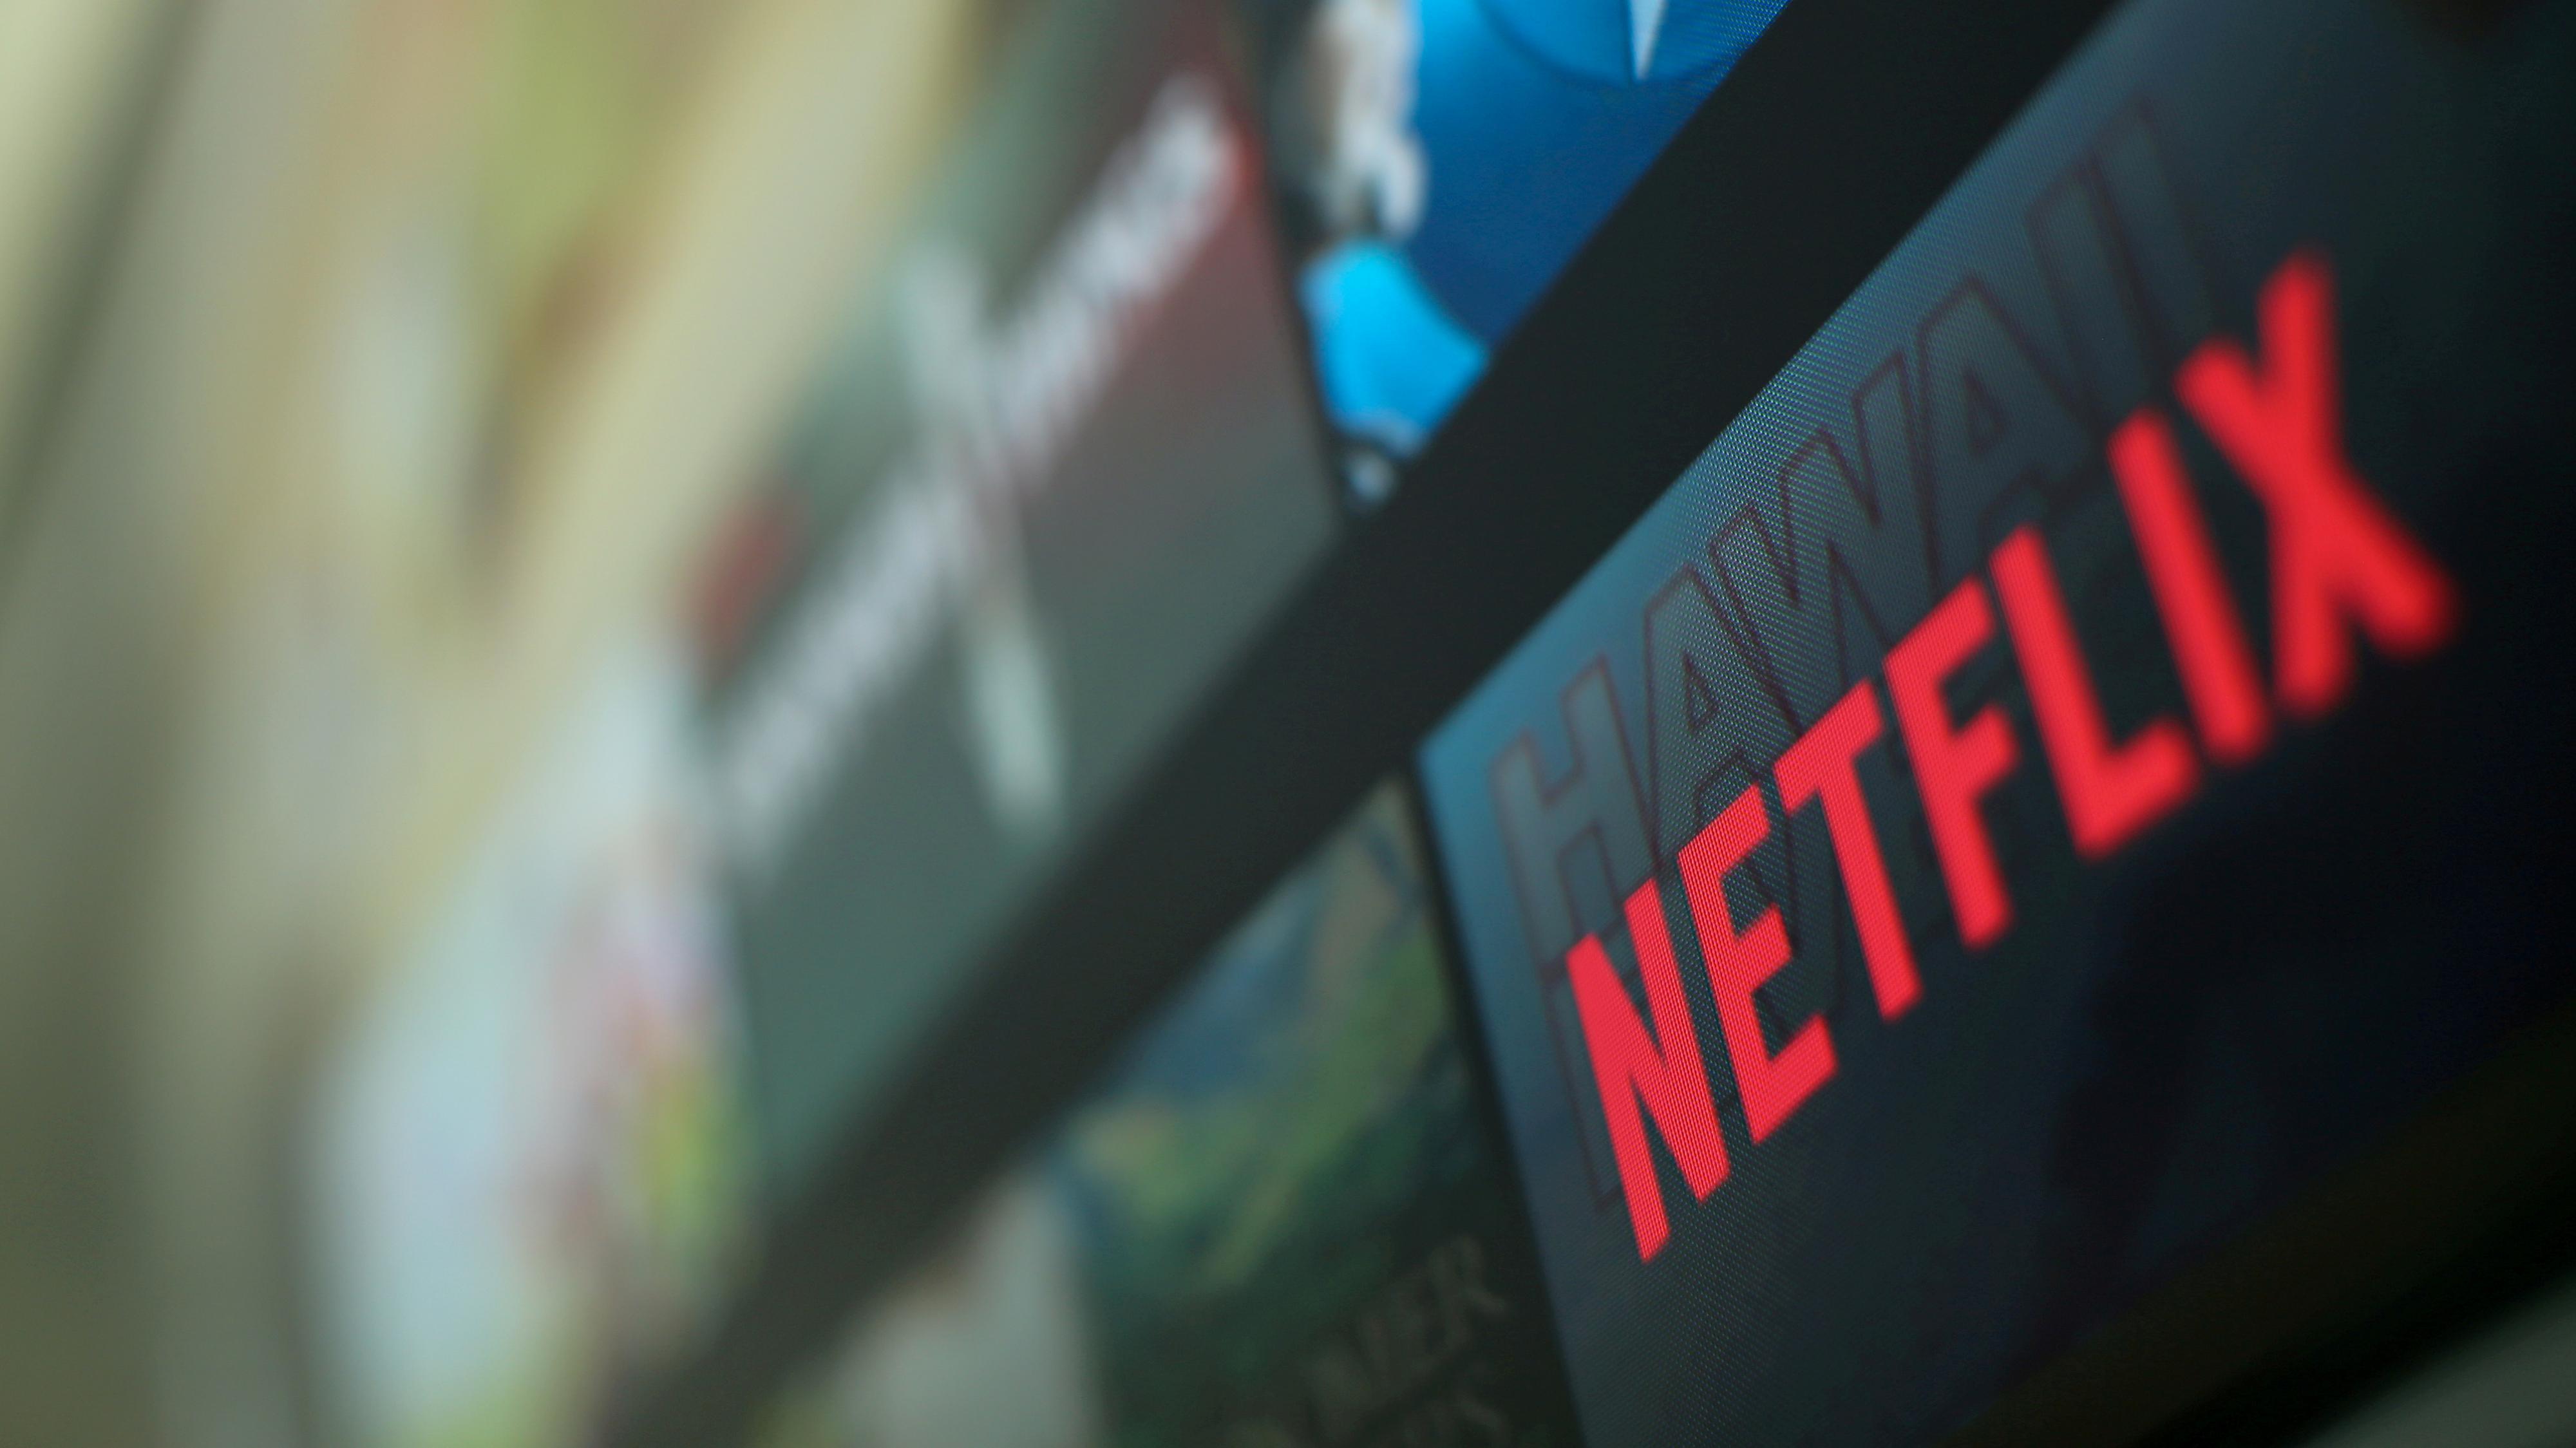 Netflix ble bedt om å stille ned kvaliteten for å senke lasten på internett her i Europa. Nå har de lovet å senke datamengdene med 25 prosent.